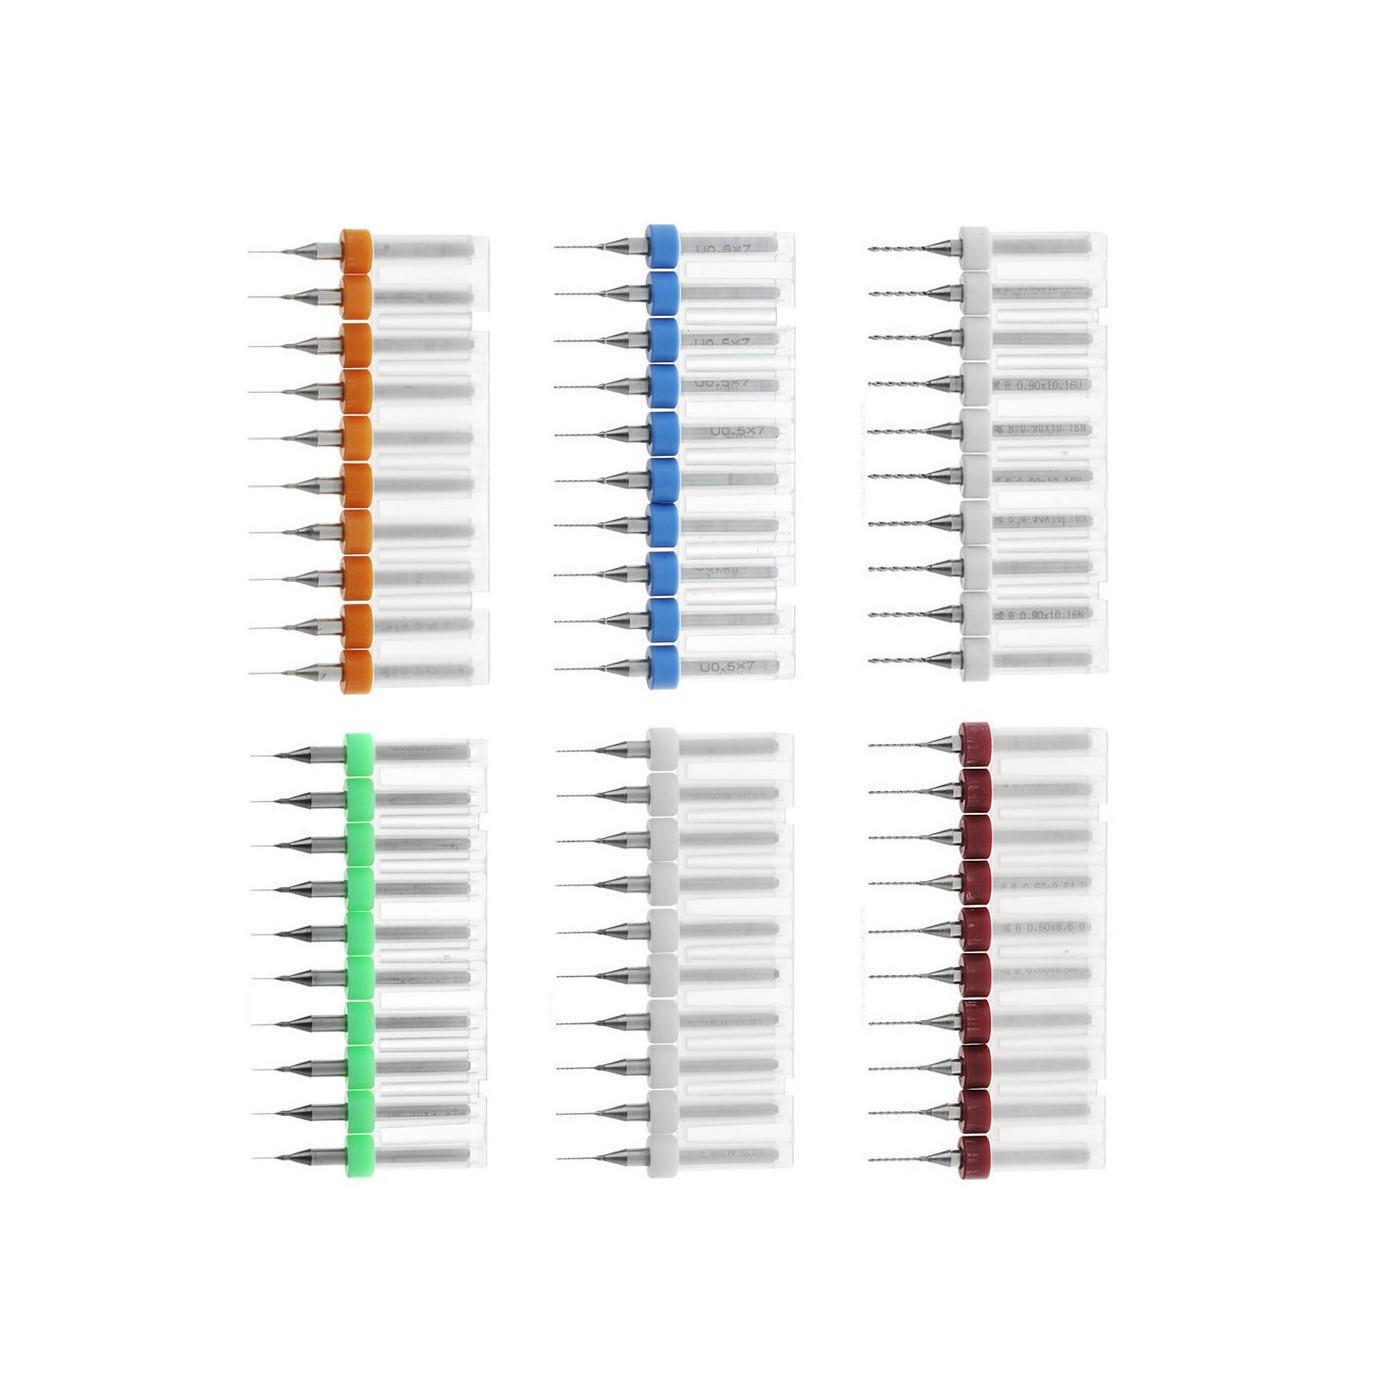 Ensemble de 10 micro forets dans une boîte (0,35 mm)  - 1